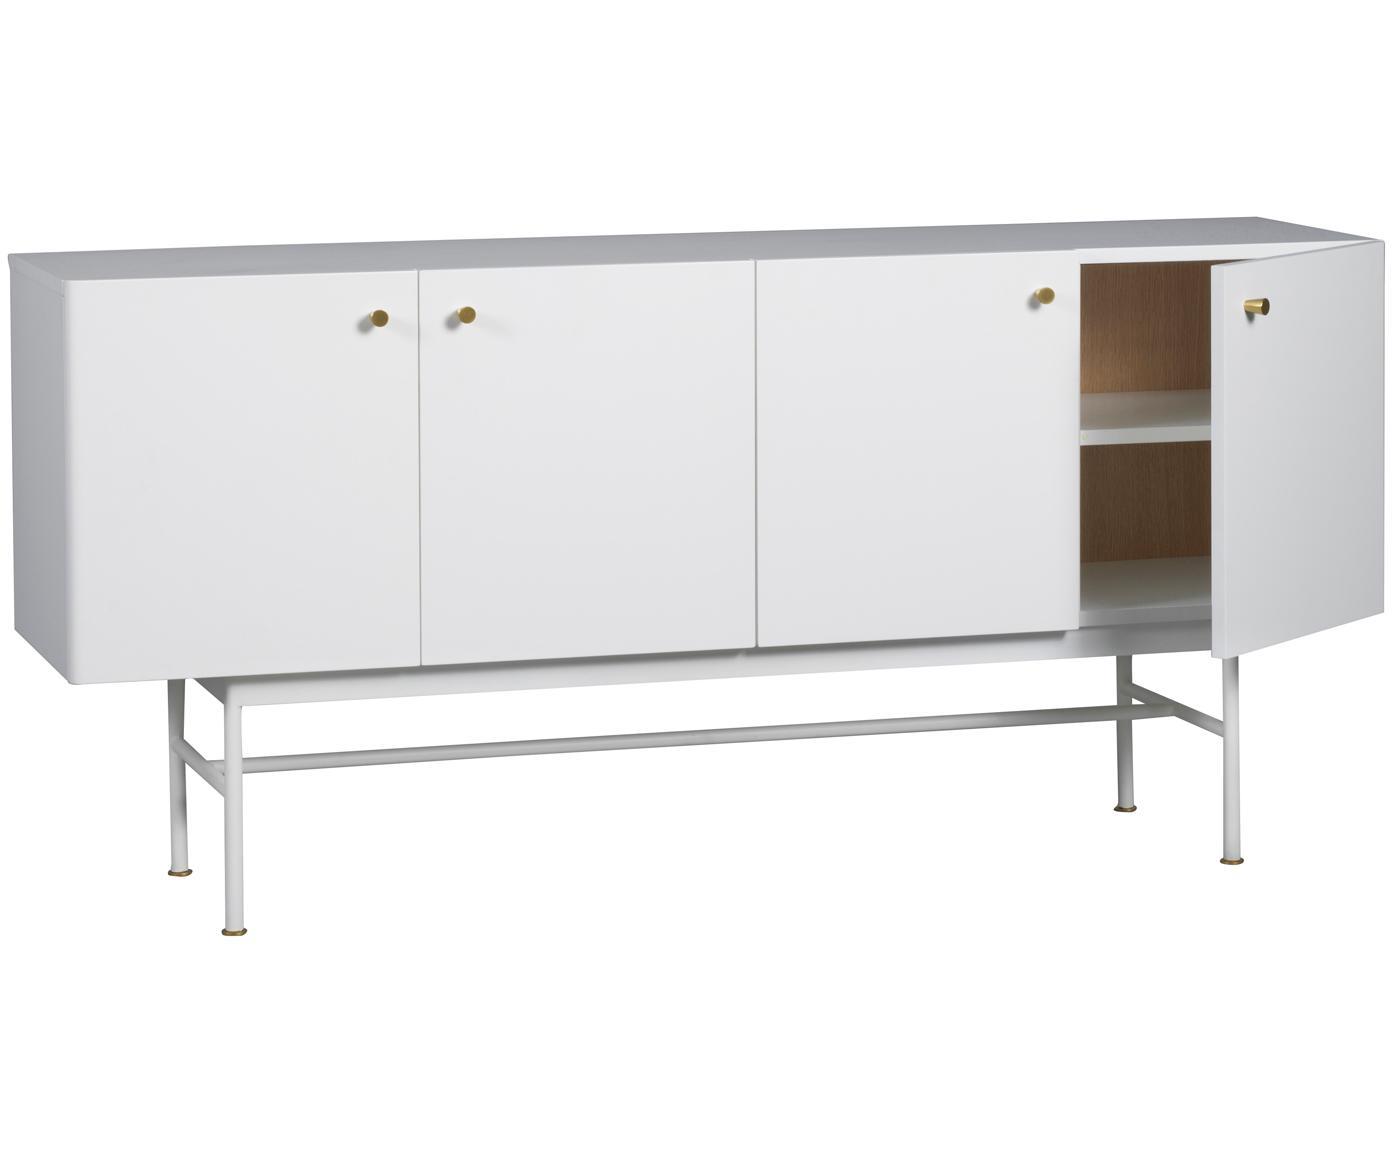 Design-Sideboard Glendale in Weiß, Korpus: Mitteldichte Holzfaserpla, Eichenholz, Weiß, 160 x 75 cm